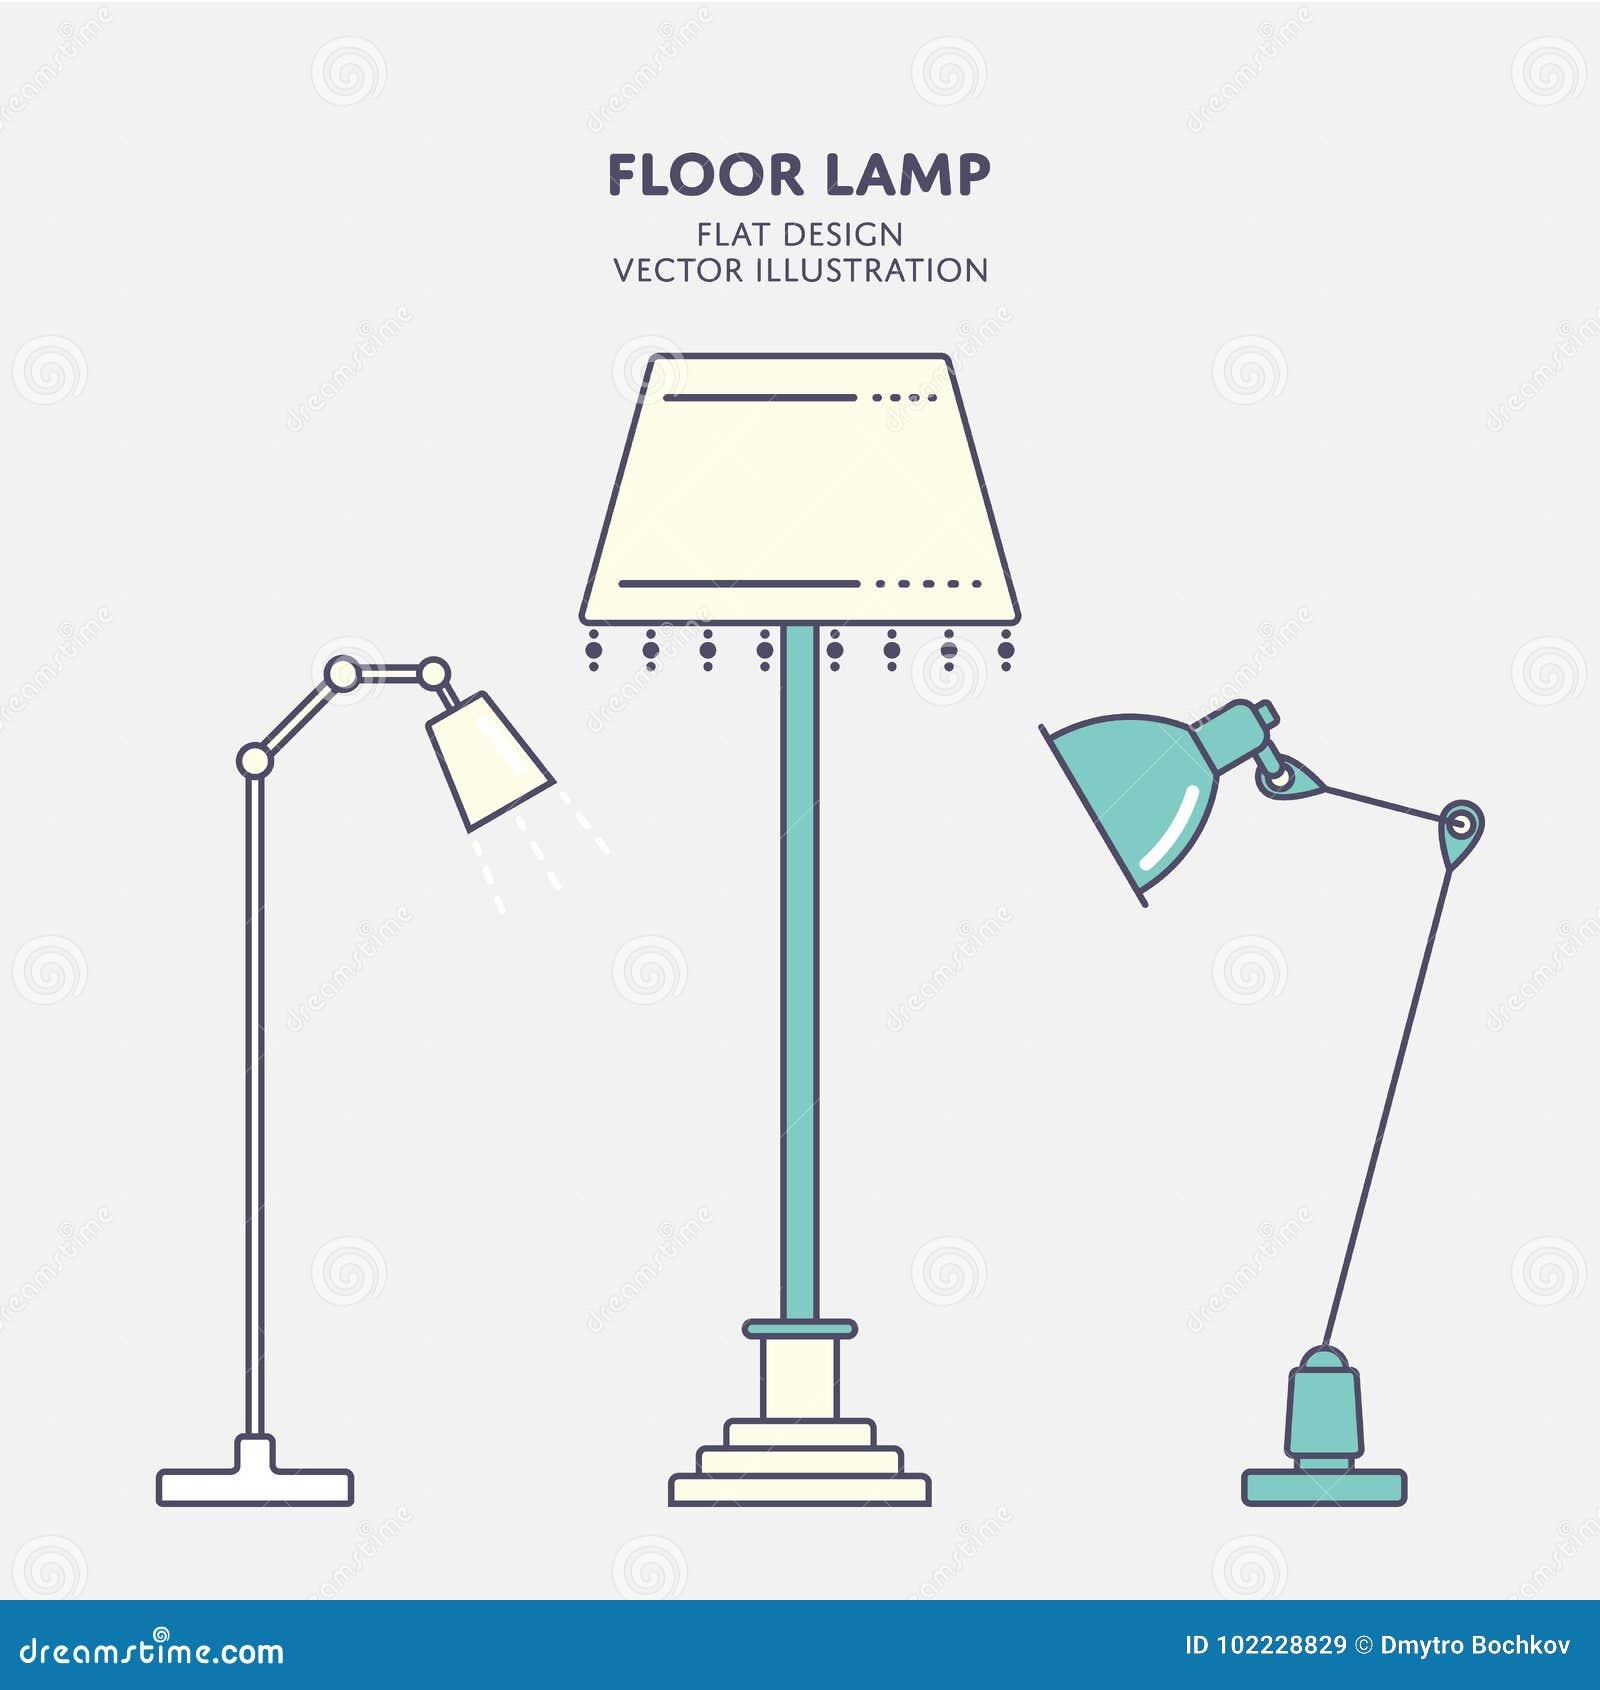 Diseño Vector Plano Del De Lámpara Pie Ilustración 0wnO8Pk